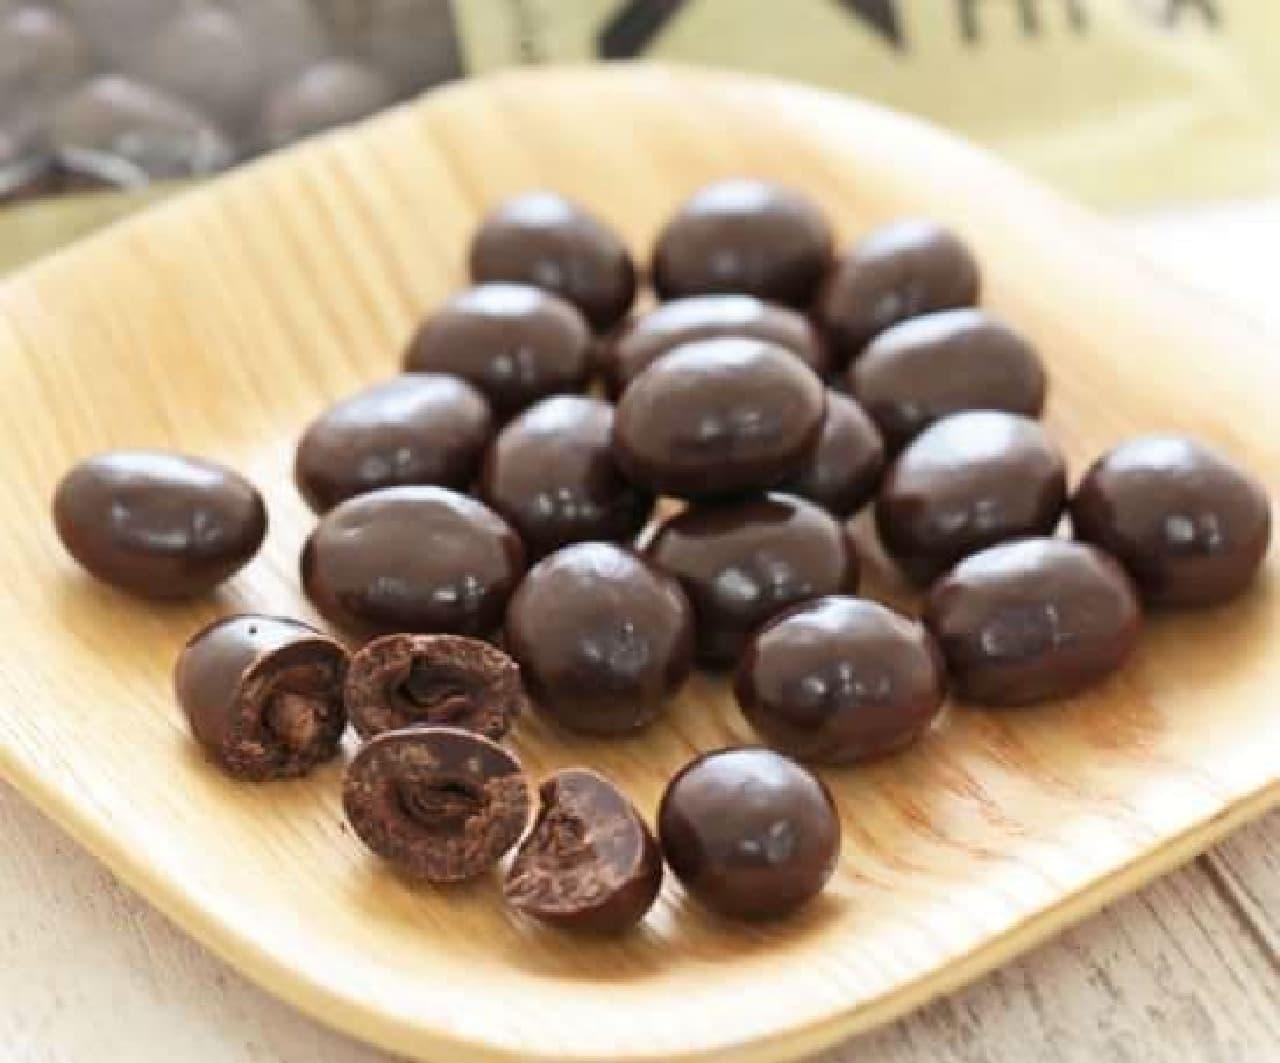 コーヒー豆チョコレート ダークはコーヒー豆をダークチョコレートで閉じ込めたお菓子